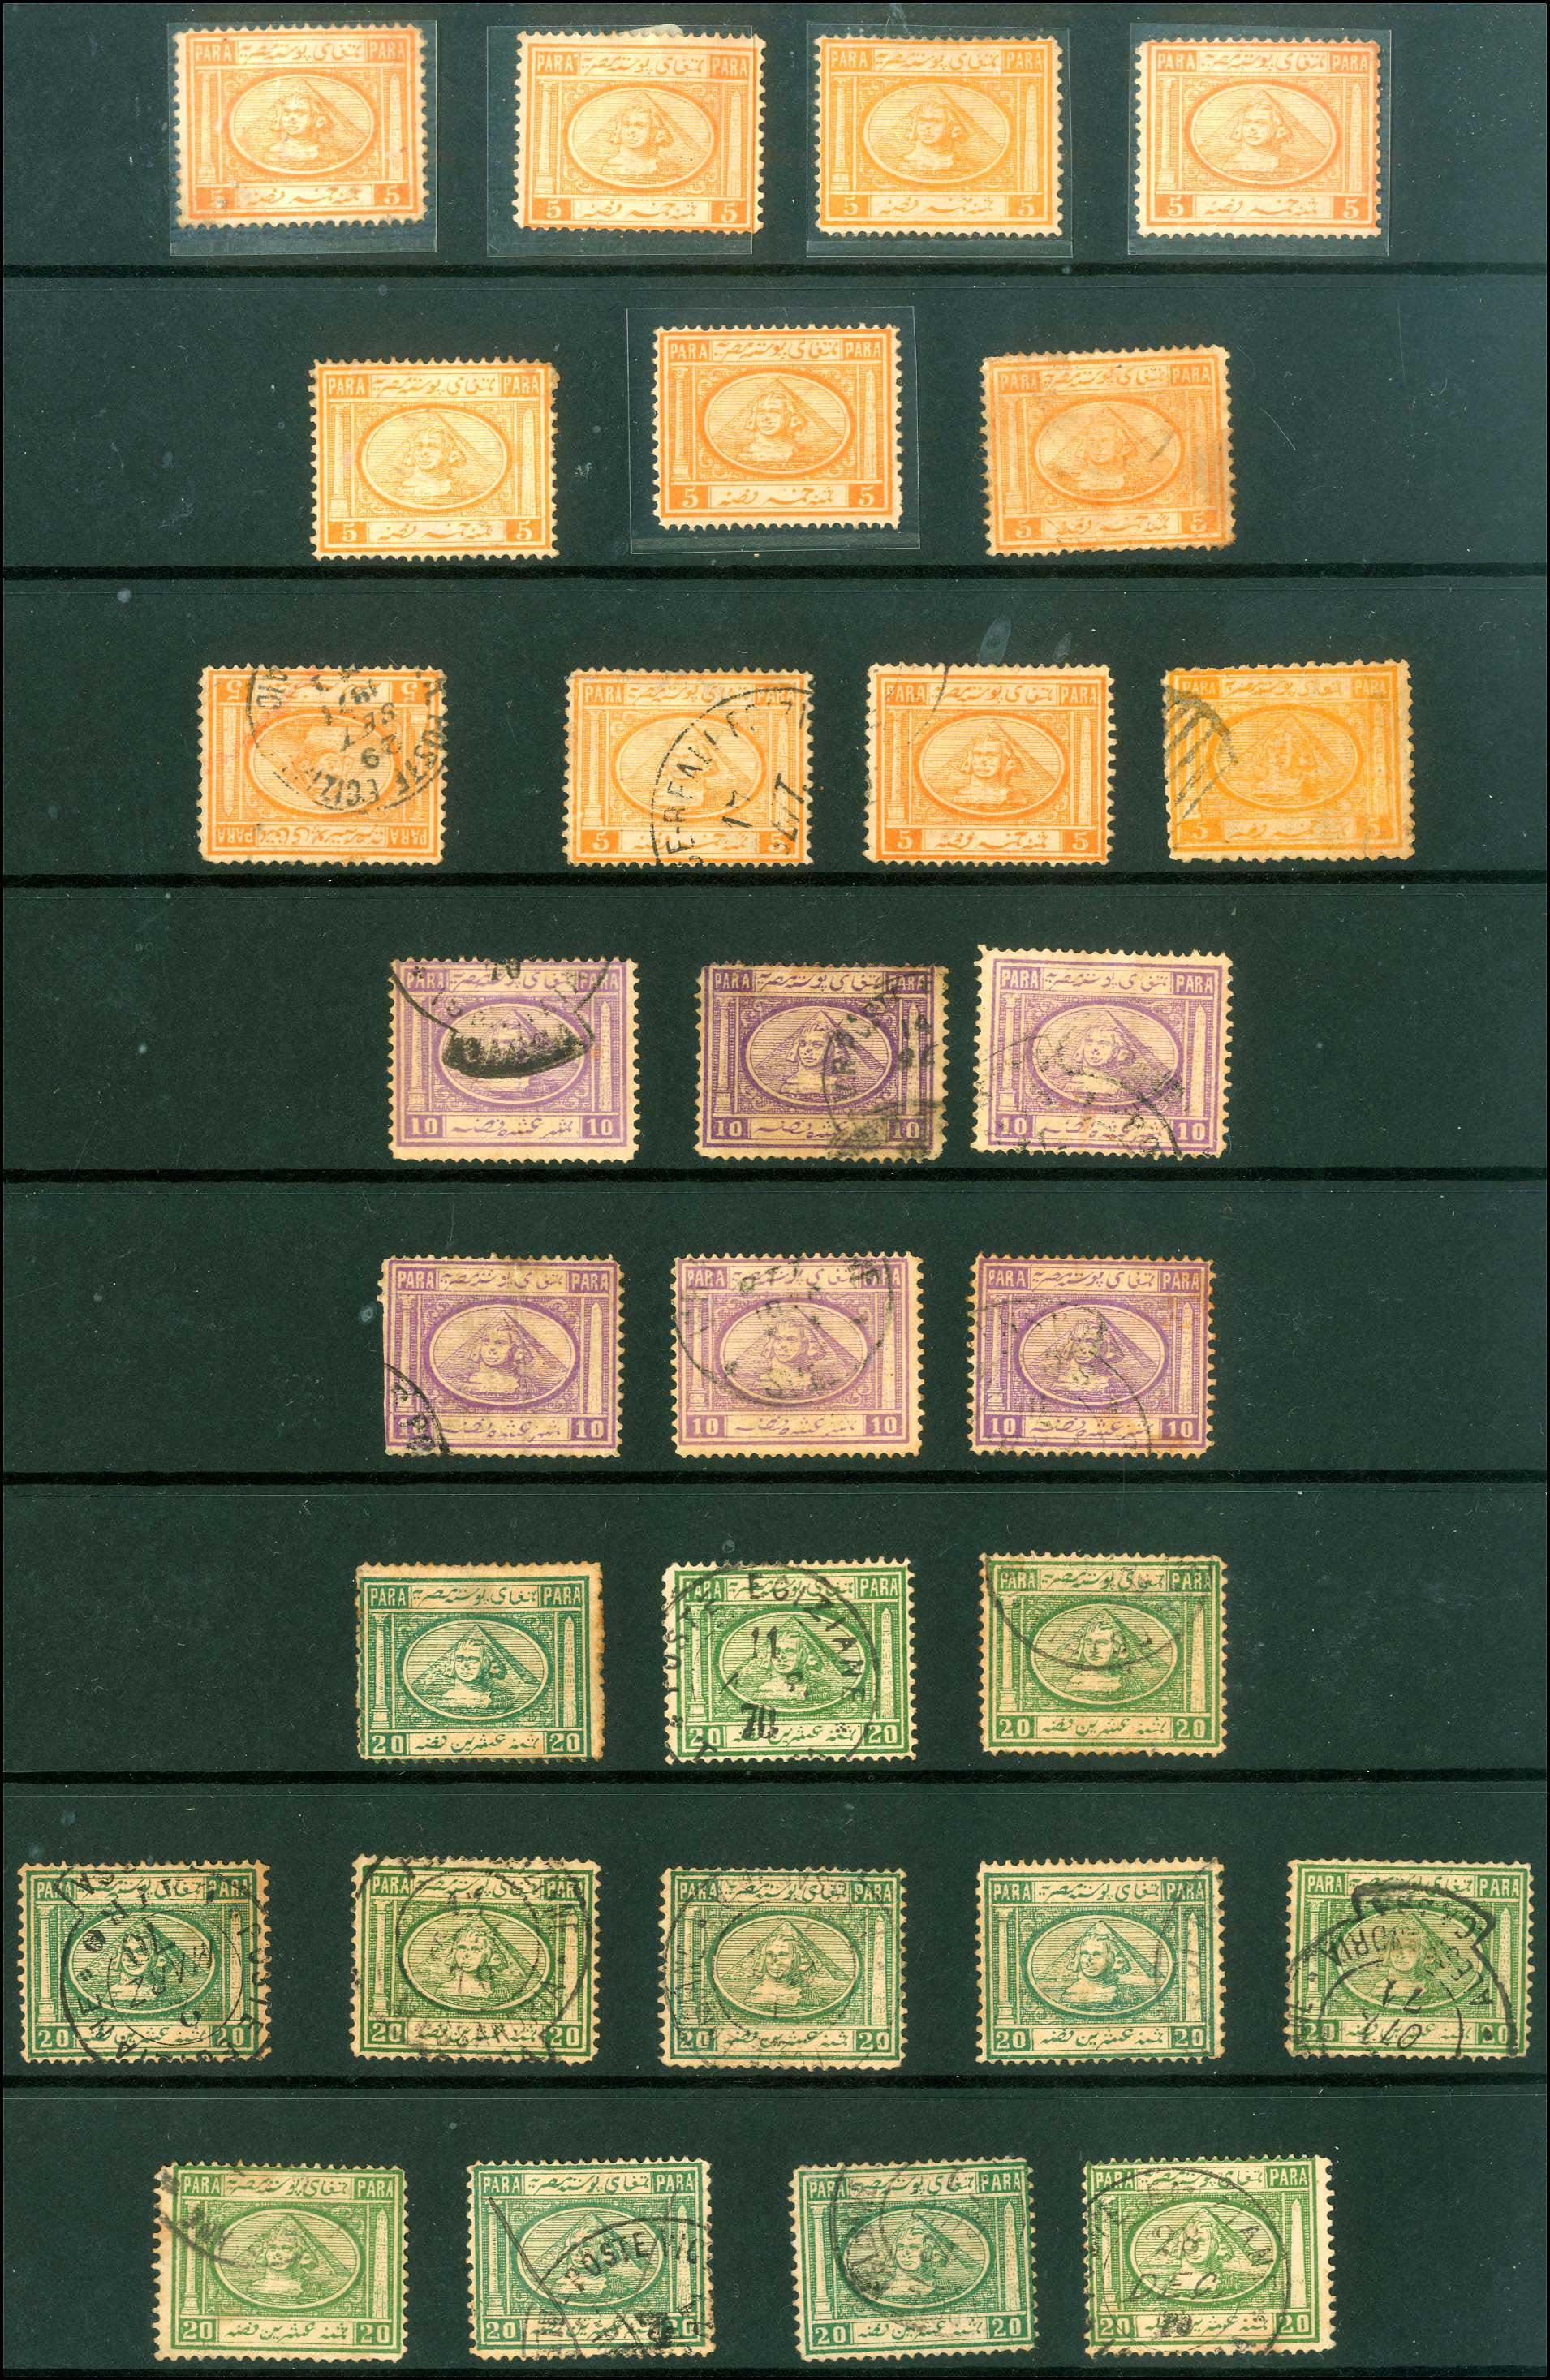 Lot 1068 - -  MISCELLANEOUS LOTS & ACCUMULATIONS MISCELLANEOUS LOTS & ACCUMULATIONS -  A. Karamitsos Postal & Live Internet Auction 681 General Philatelic Auction